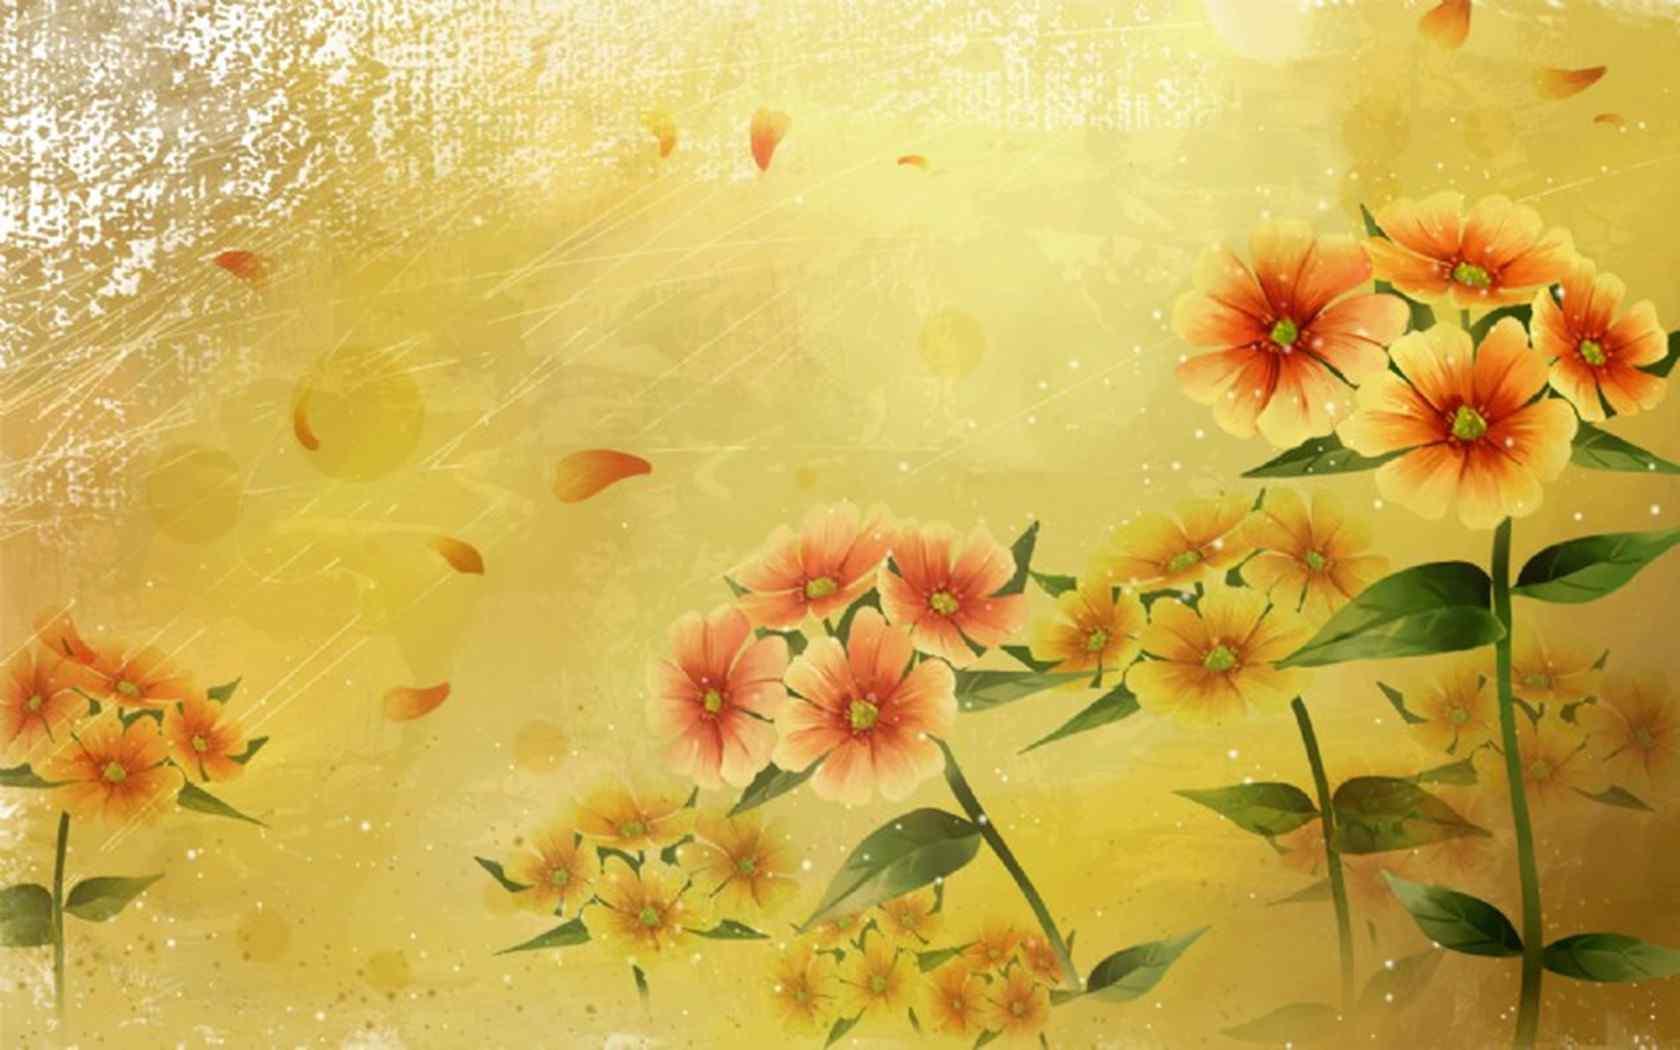 清新淡雅花卉风格壁纸电脑桌面壁纸下载